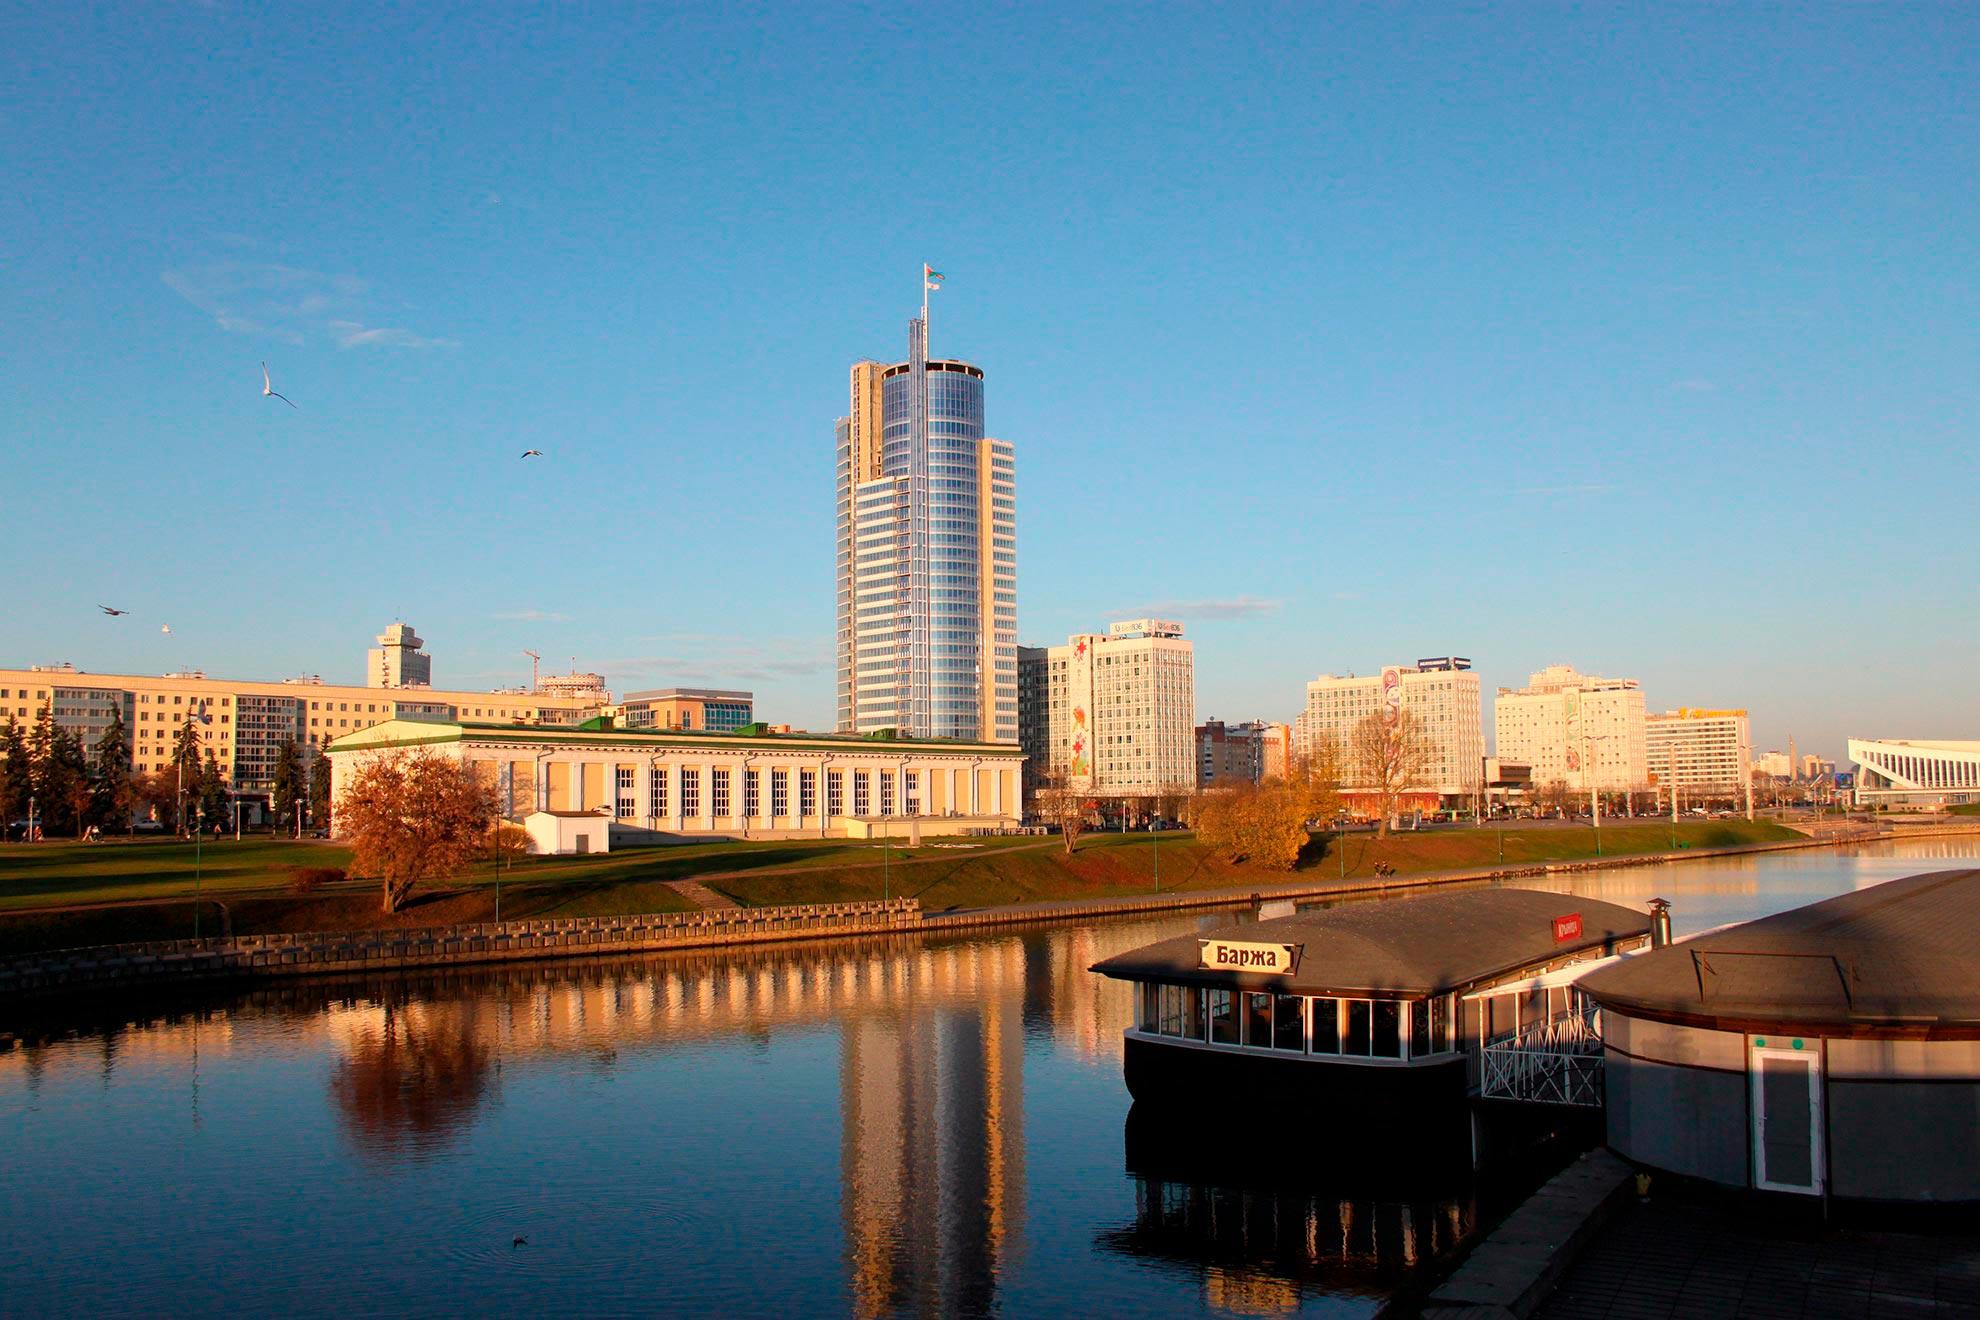 Edificio-Royal-Plaza.-Minsk-Bielorrusia.-larcore-1_1591103621.jpg